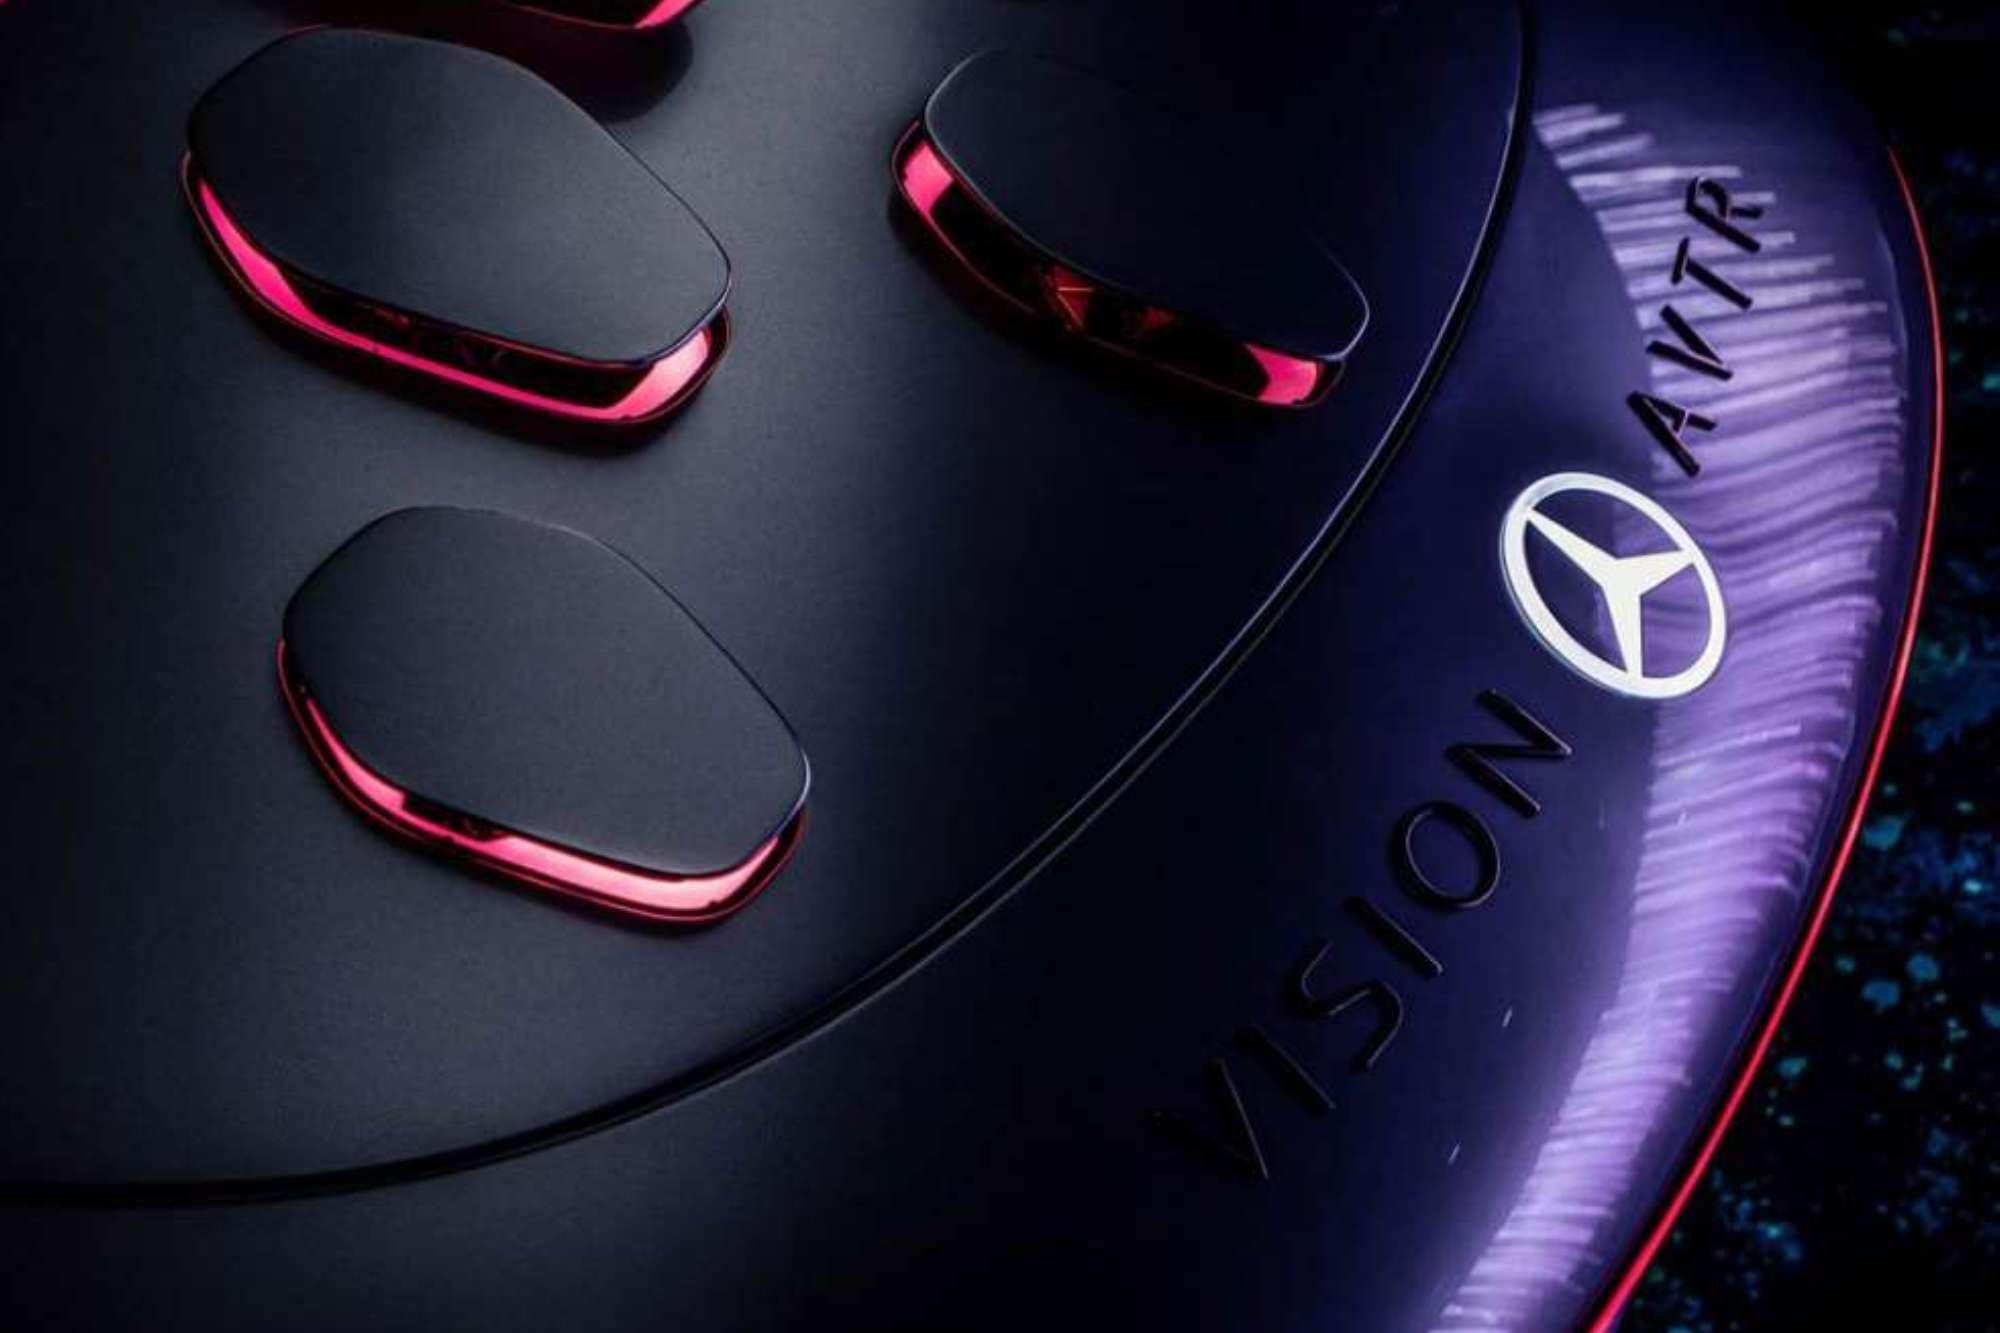 Mercedes-Benz presentó en acción su prototipo Vision Avtr: cómo se siente manejar el auto del futuro